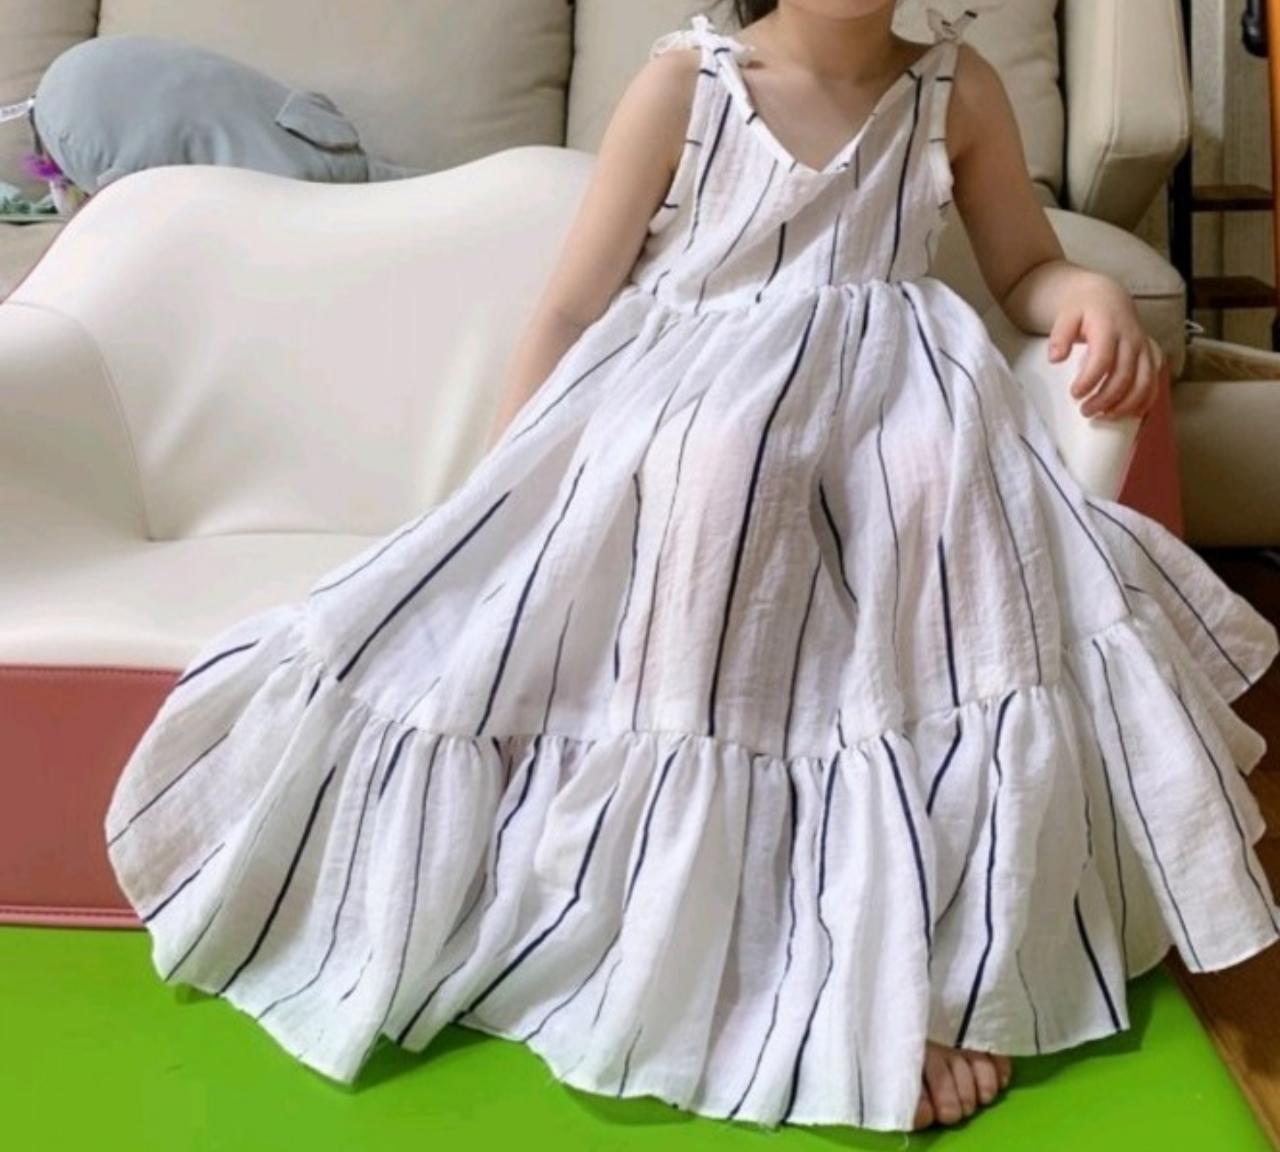 ■미싱으로 옷 만들기■여름 원피스 만들기■원데이클래스■